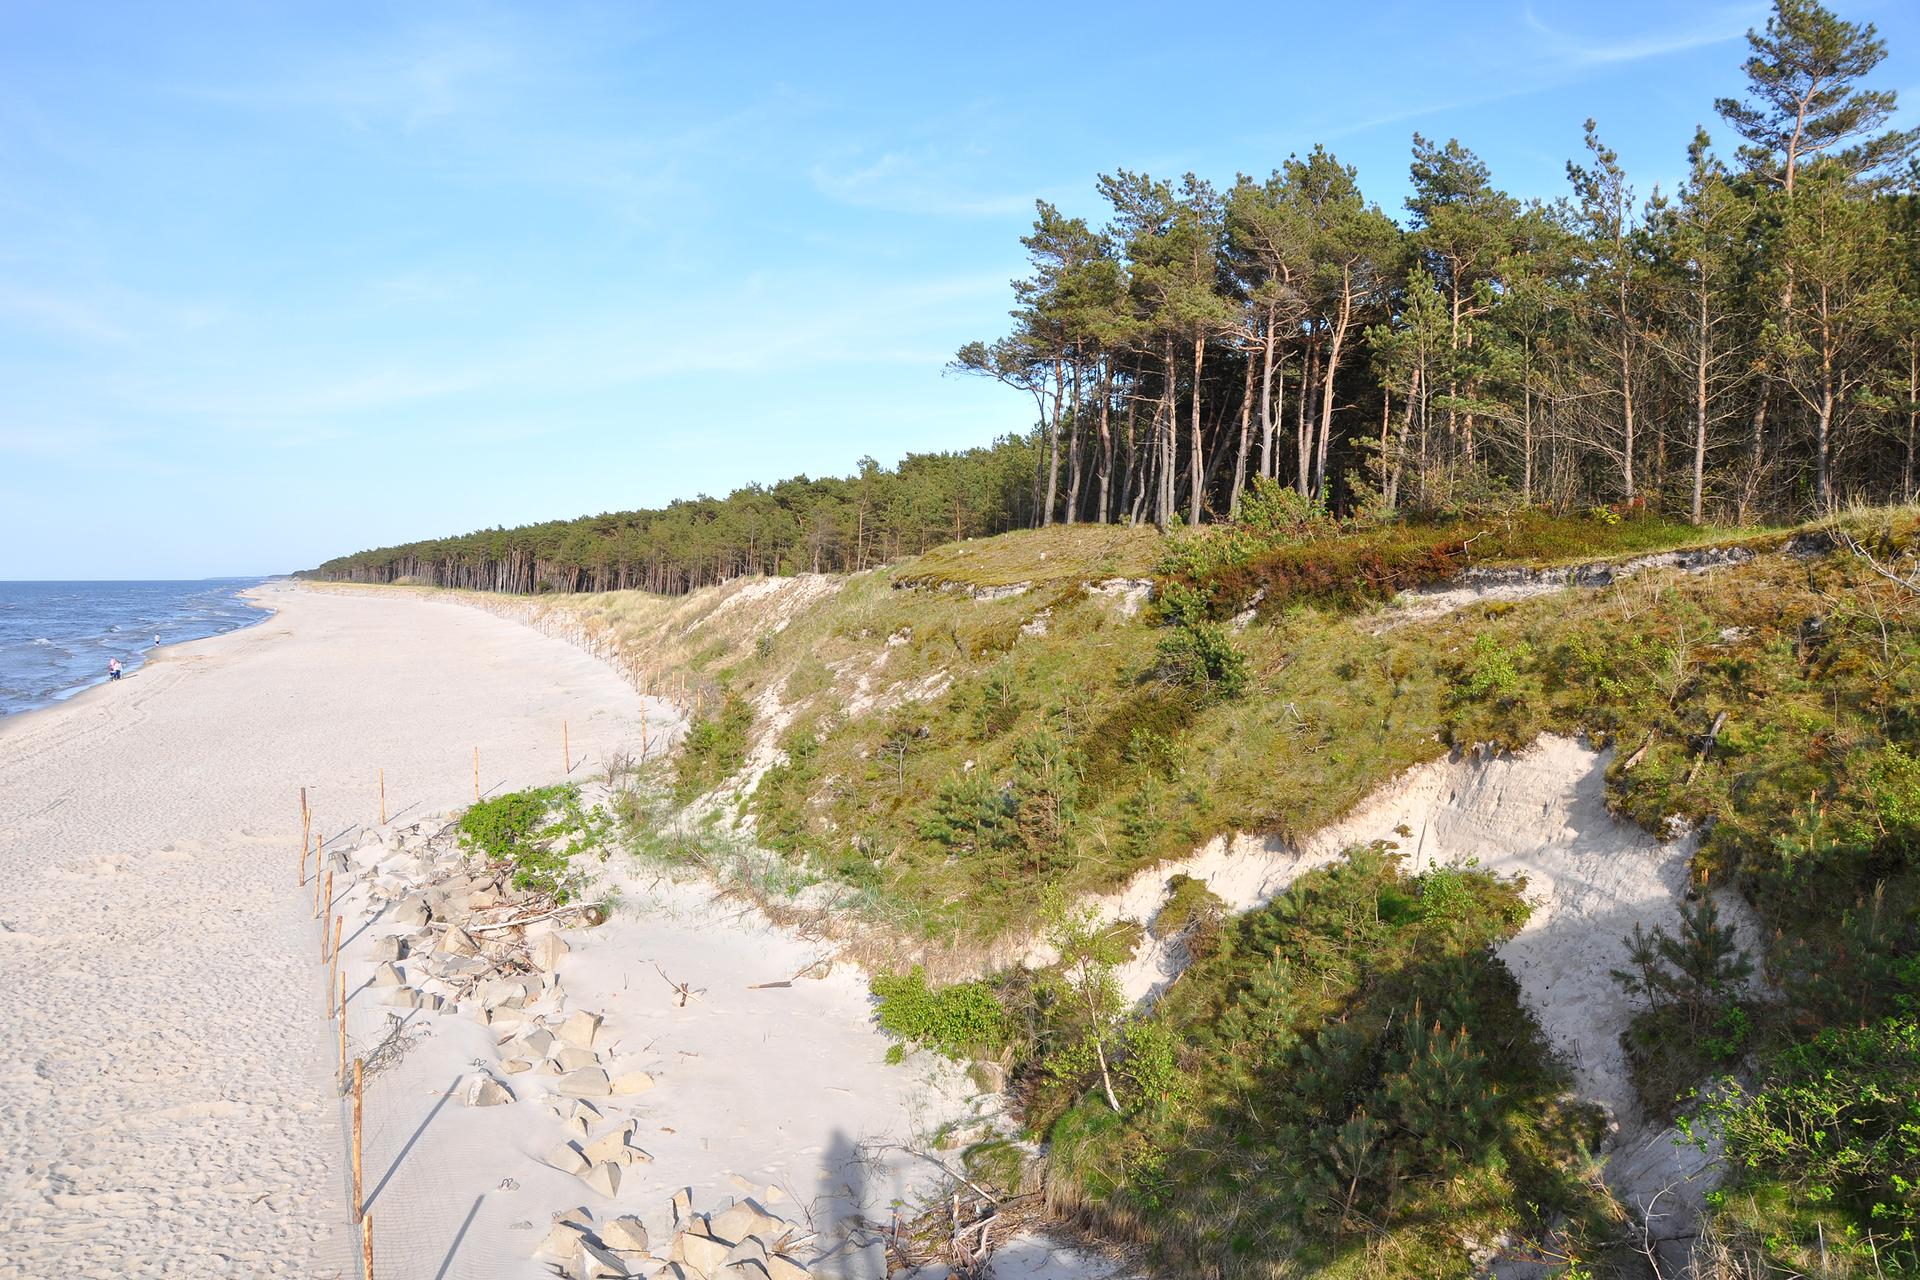 Fotografia prezentuje fragment pobrzeża zplażą oraz klifami. Na klifie rosną liczne drzewa iglaste.